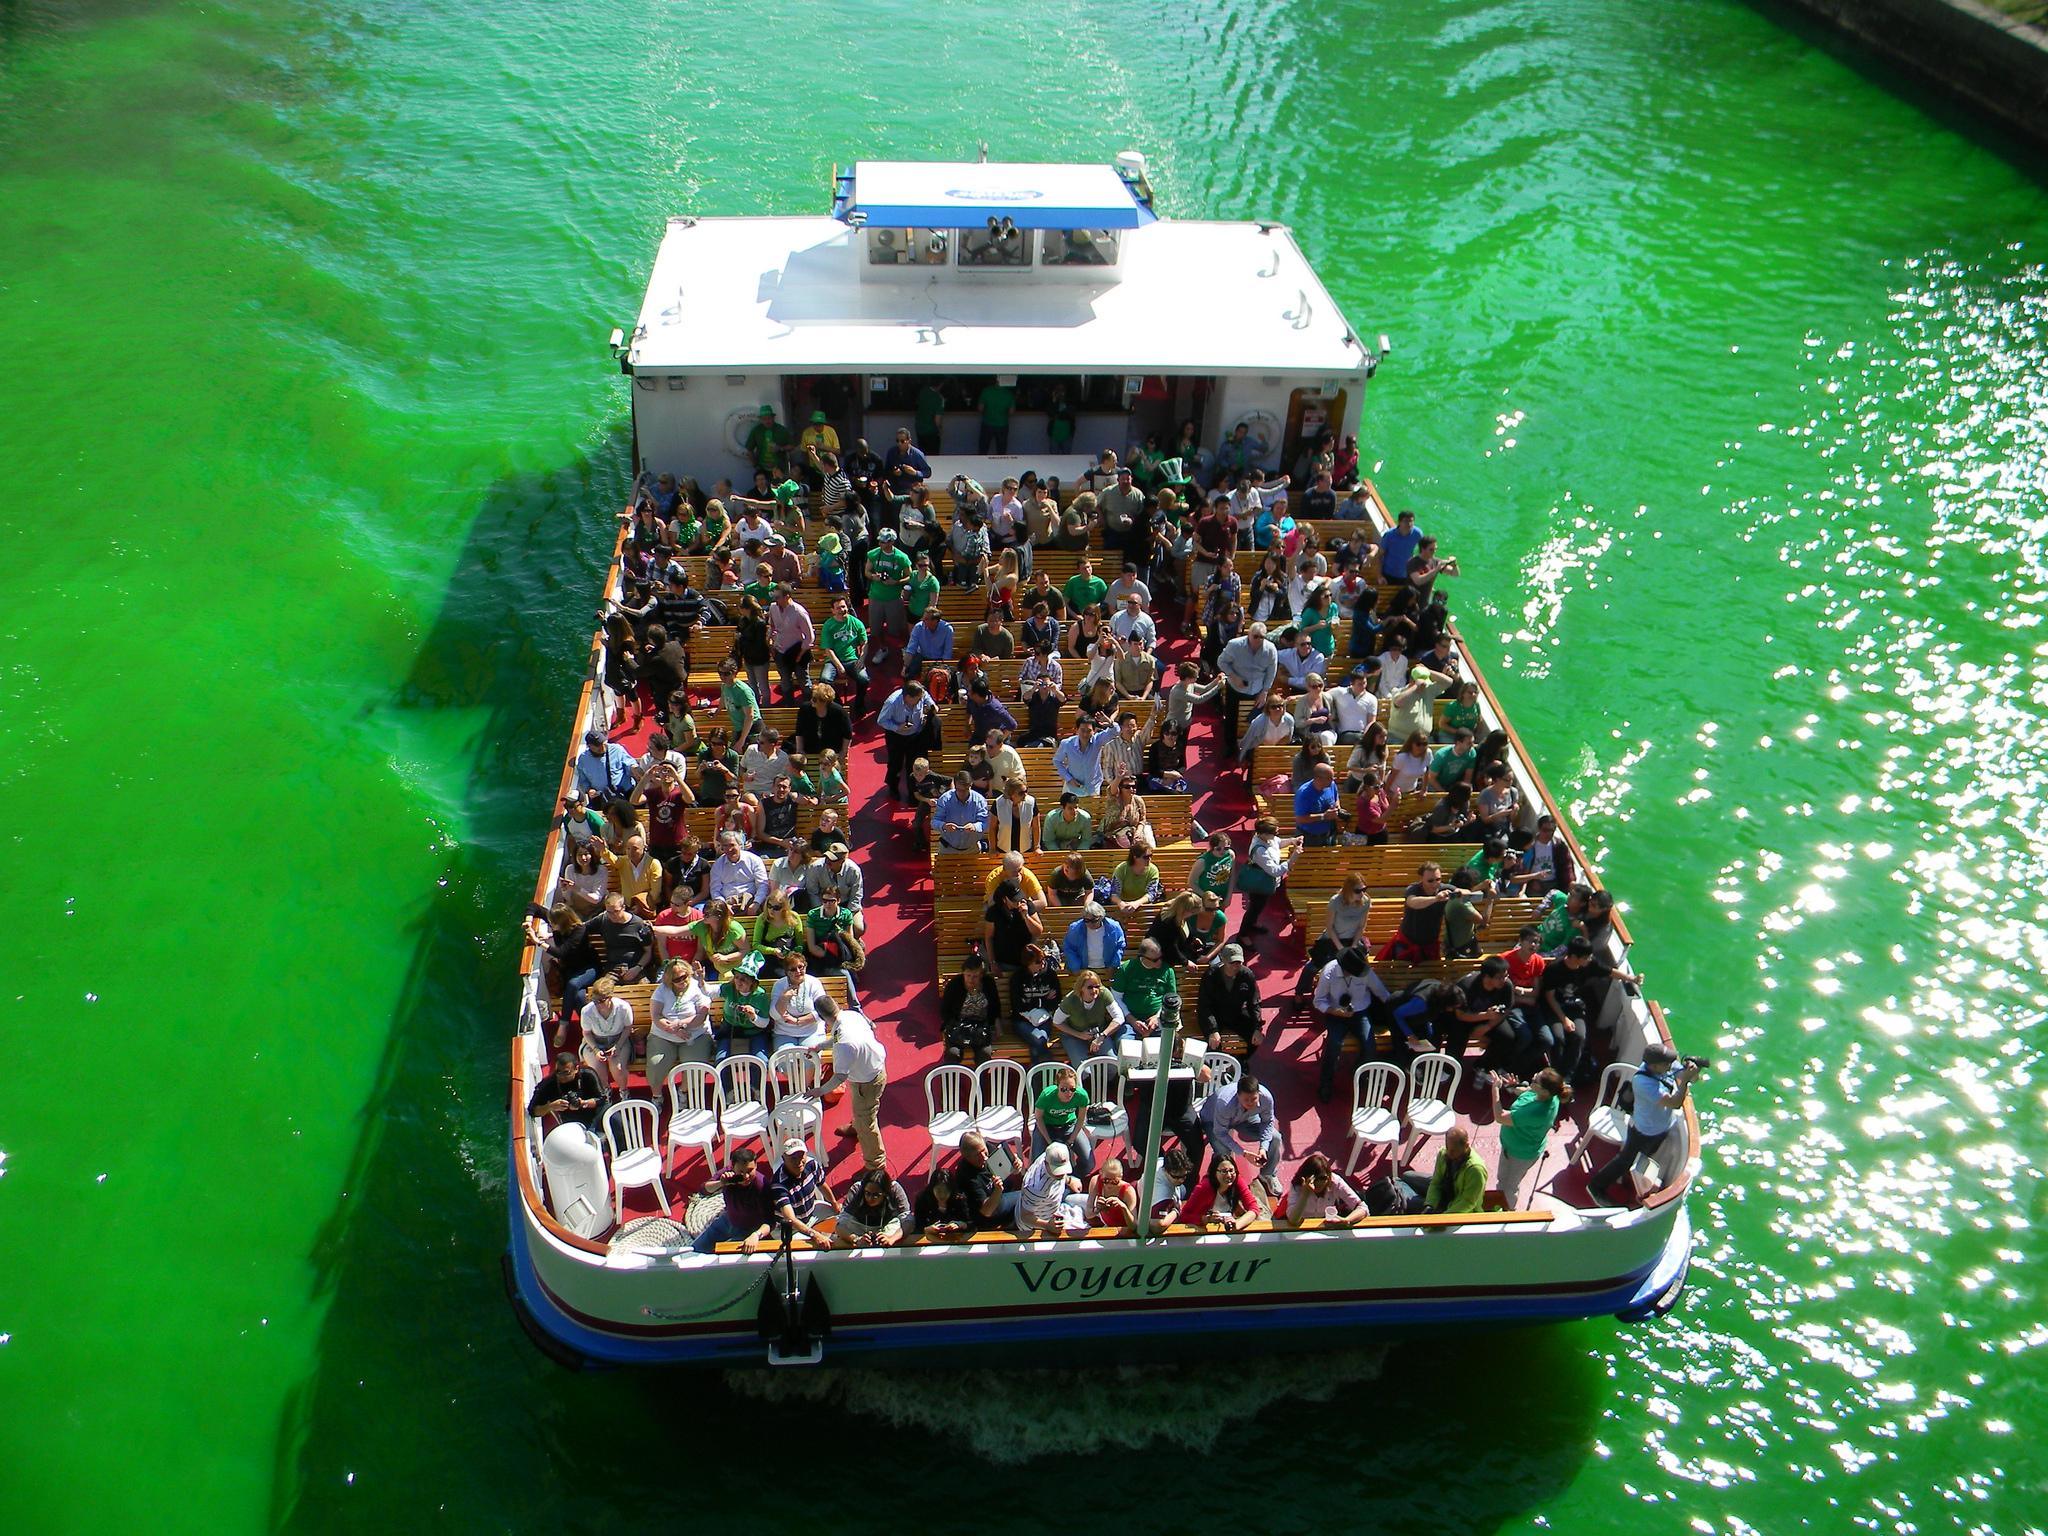 Катание на лодке по зеленой реке